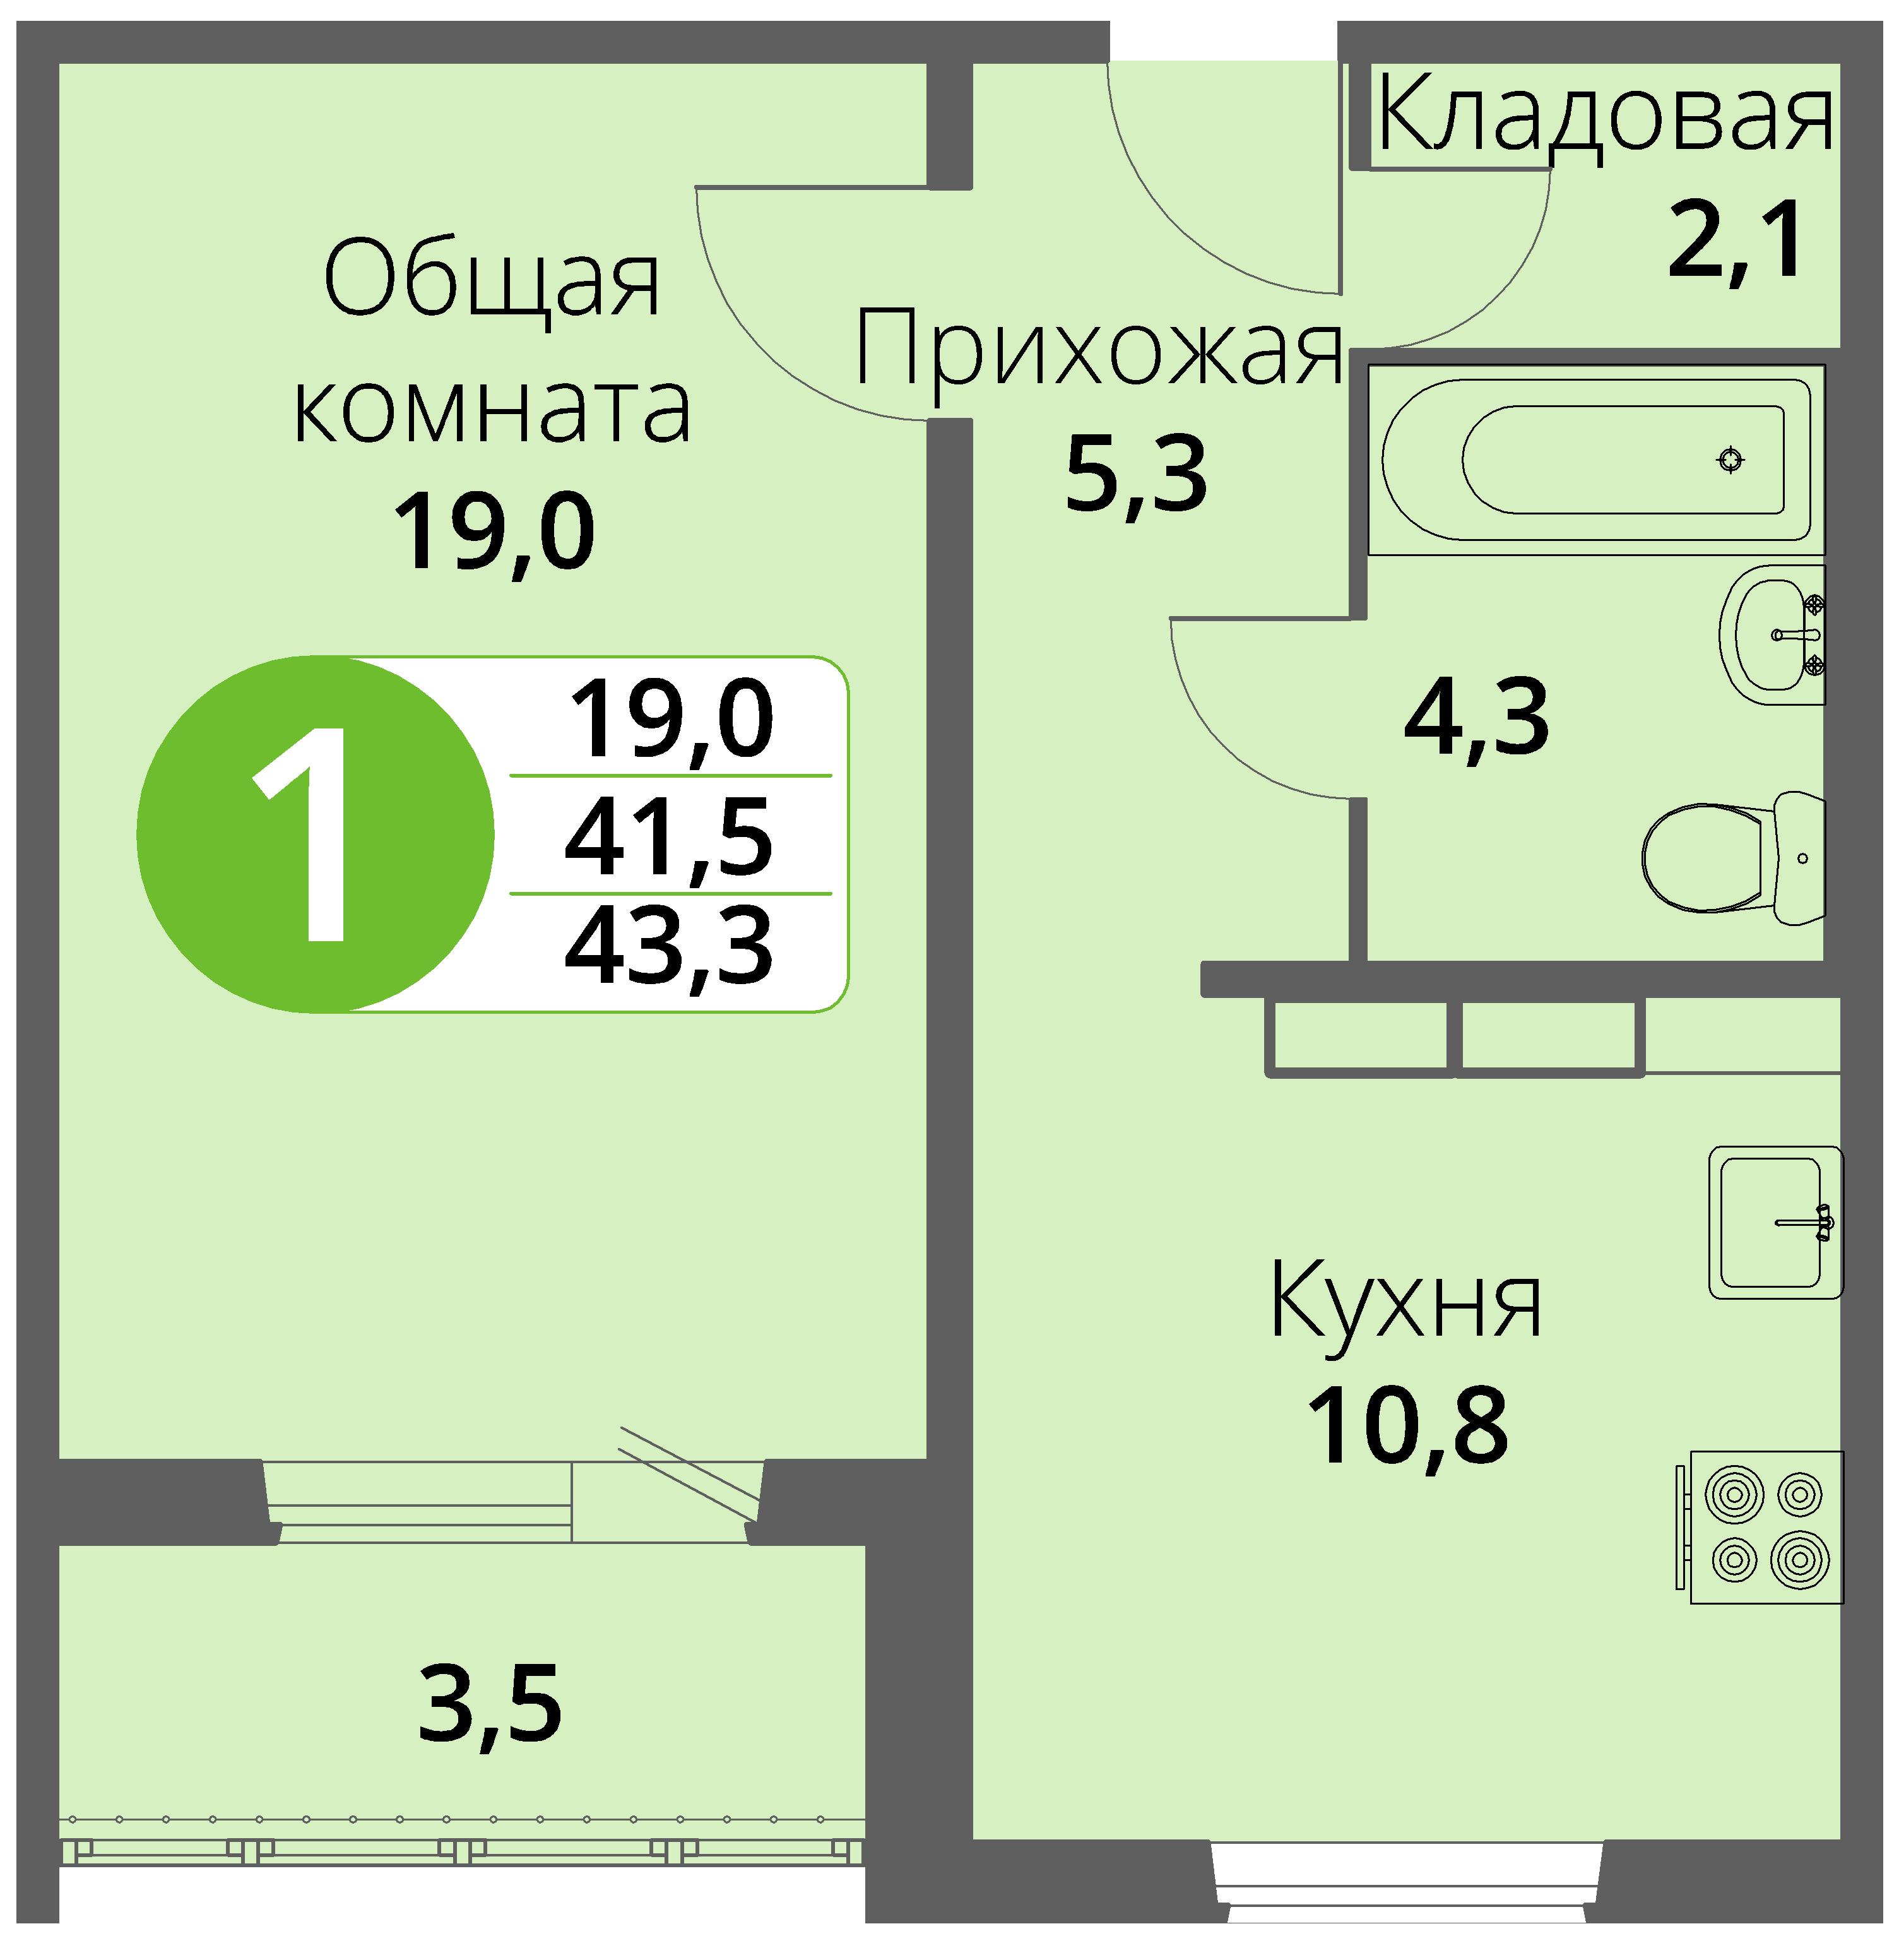 Зареченская 1-1, квартира 69 - Однокомнатная